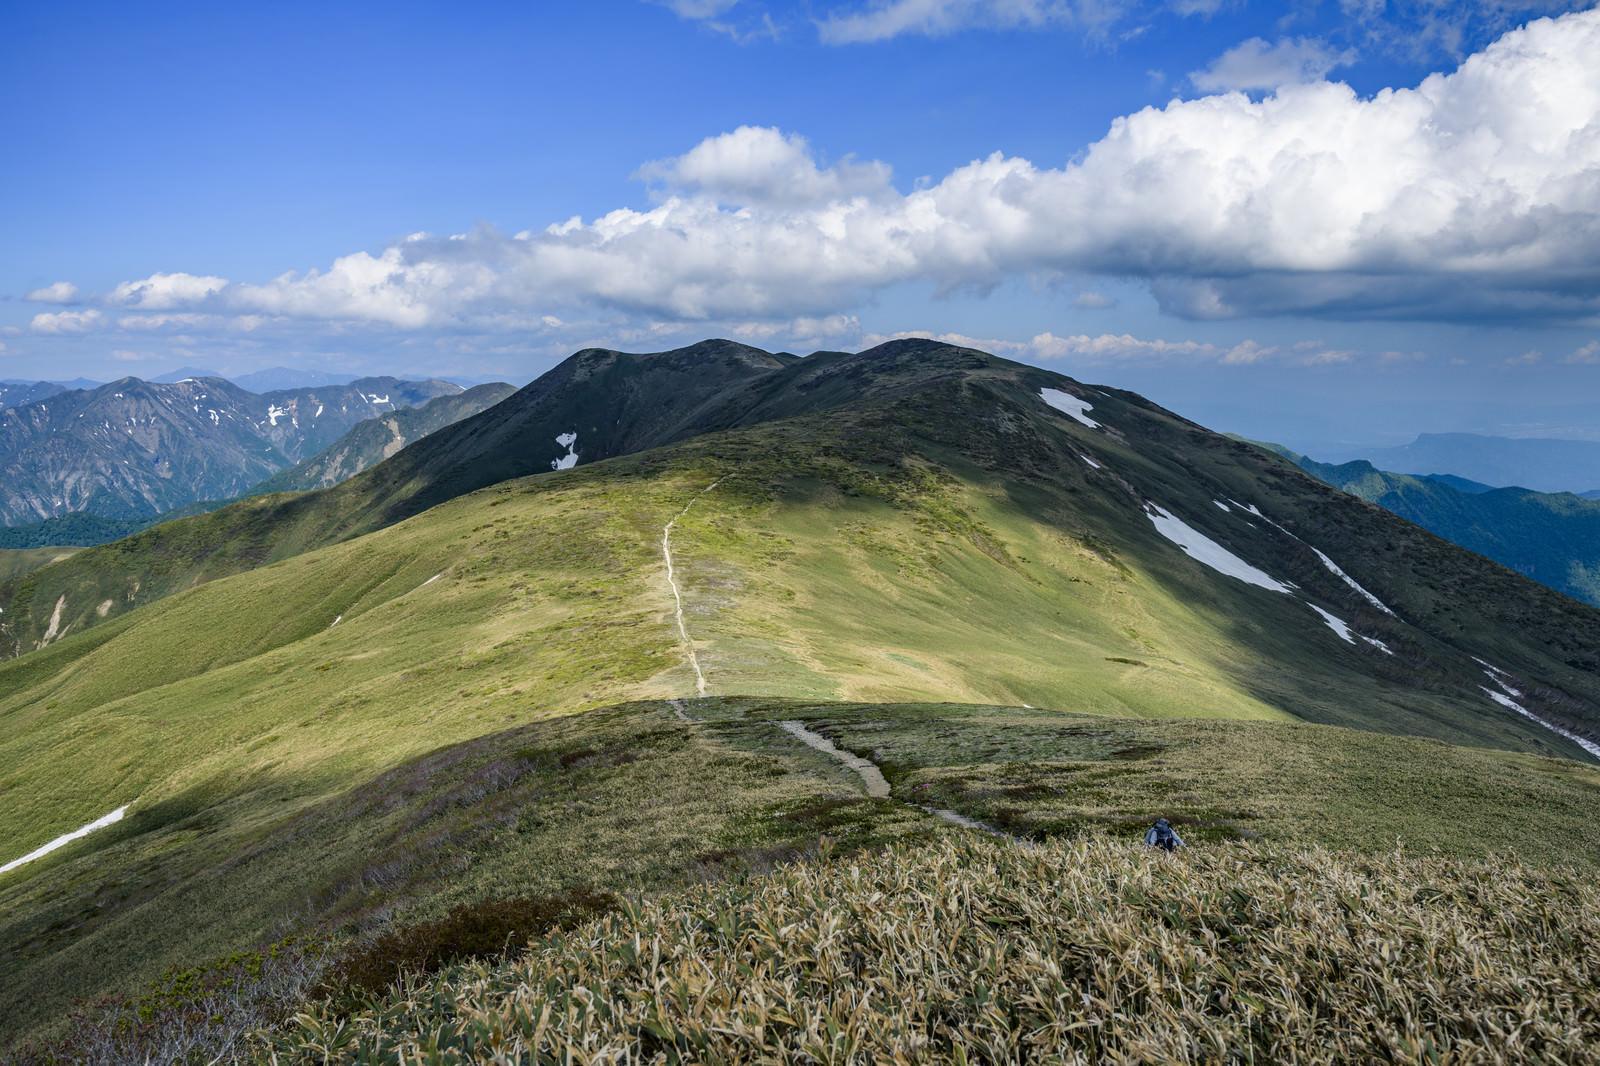 「晴れ間に照らされる仙ノ倉山の稜線と登山道」の写真